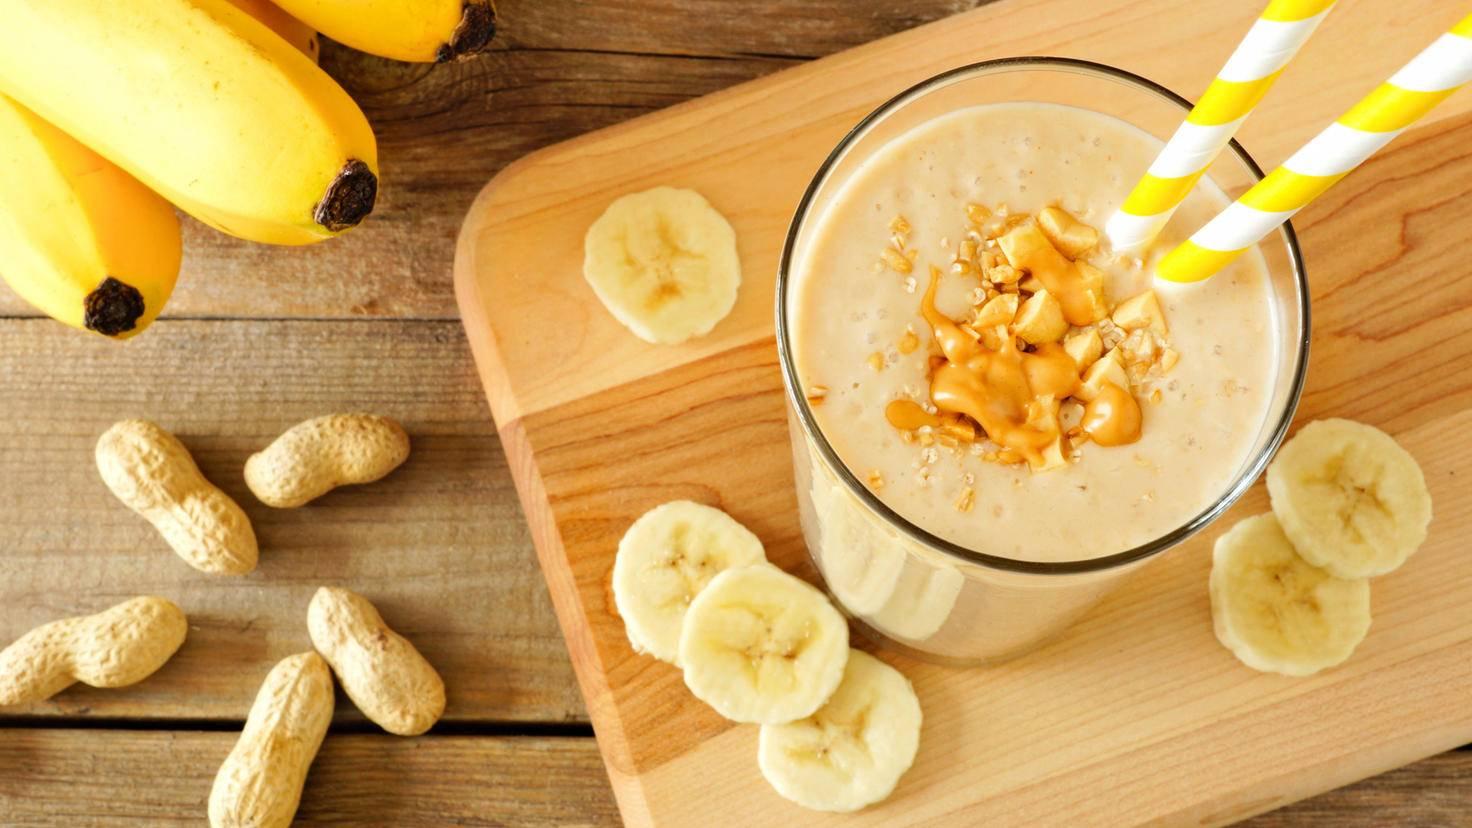 Nicht nur als Grundzutat für Smoothies sind Bananen im Kühlfach sehr praktisch.